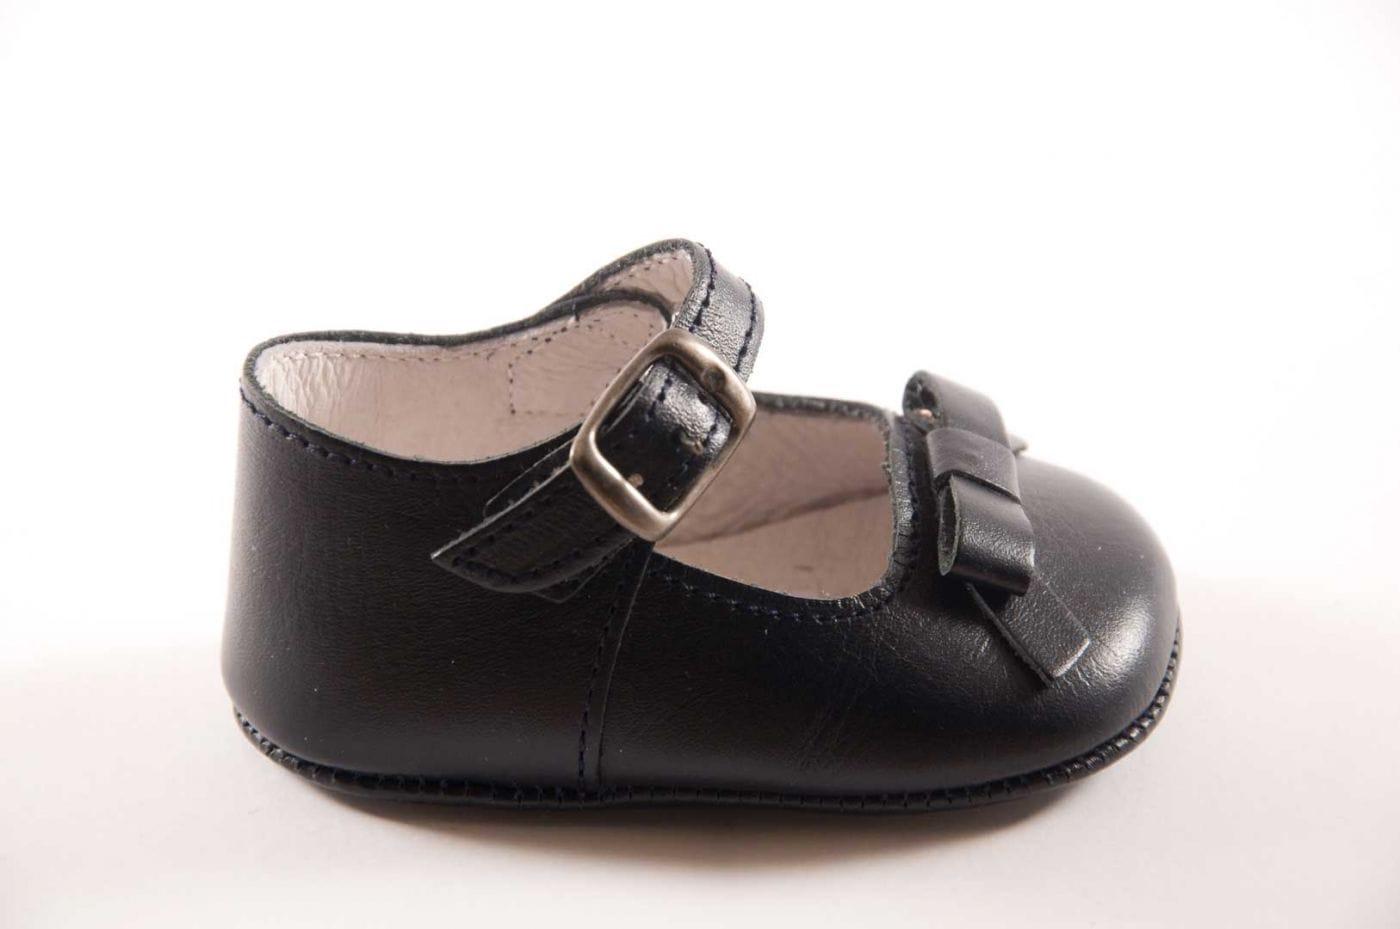 aa794aac6 Comprar zapato tipo BEBE NIÑA estilo MERCEDES COLOR AZUL MARINO PIEL ...